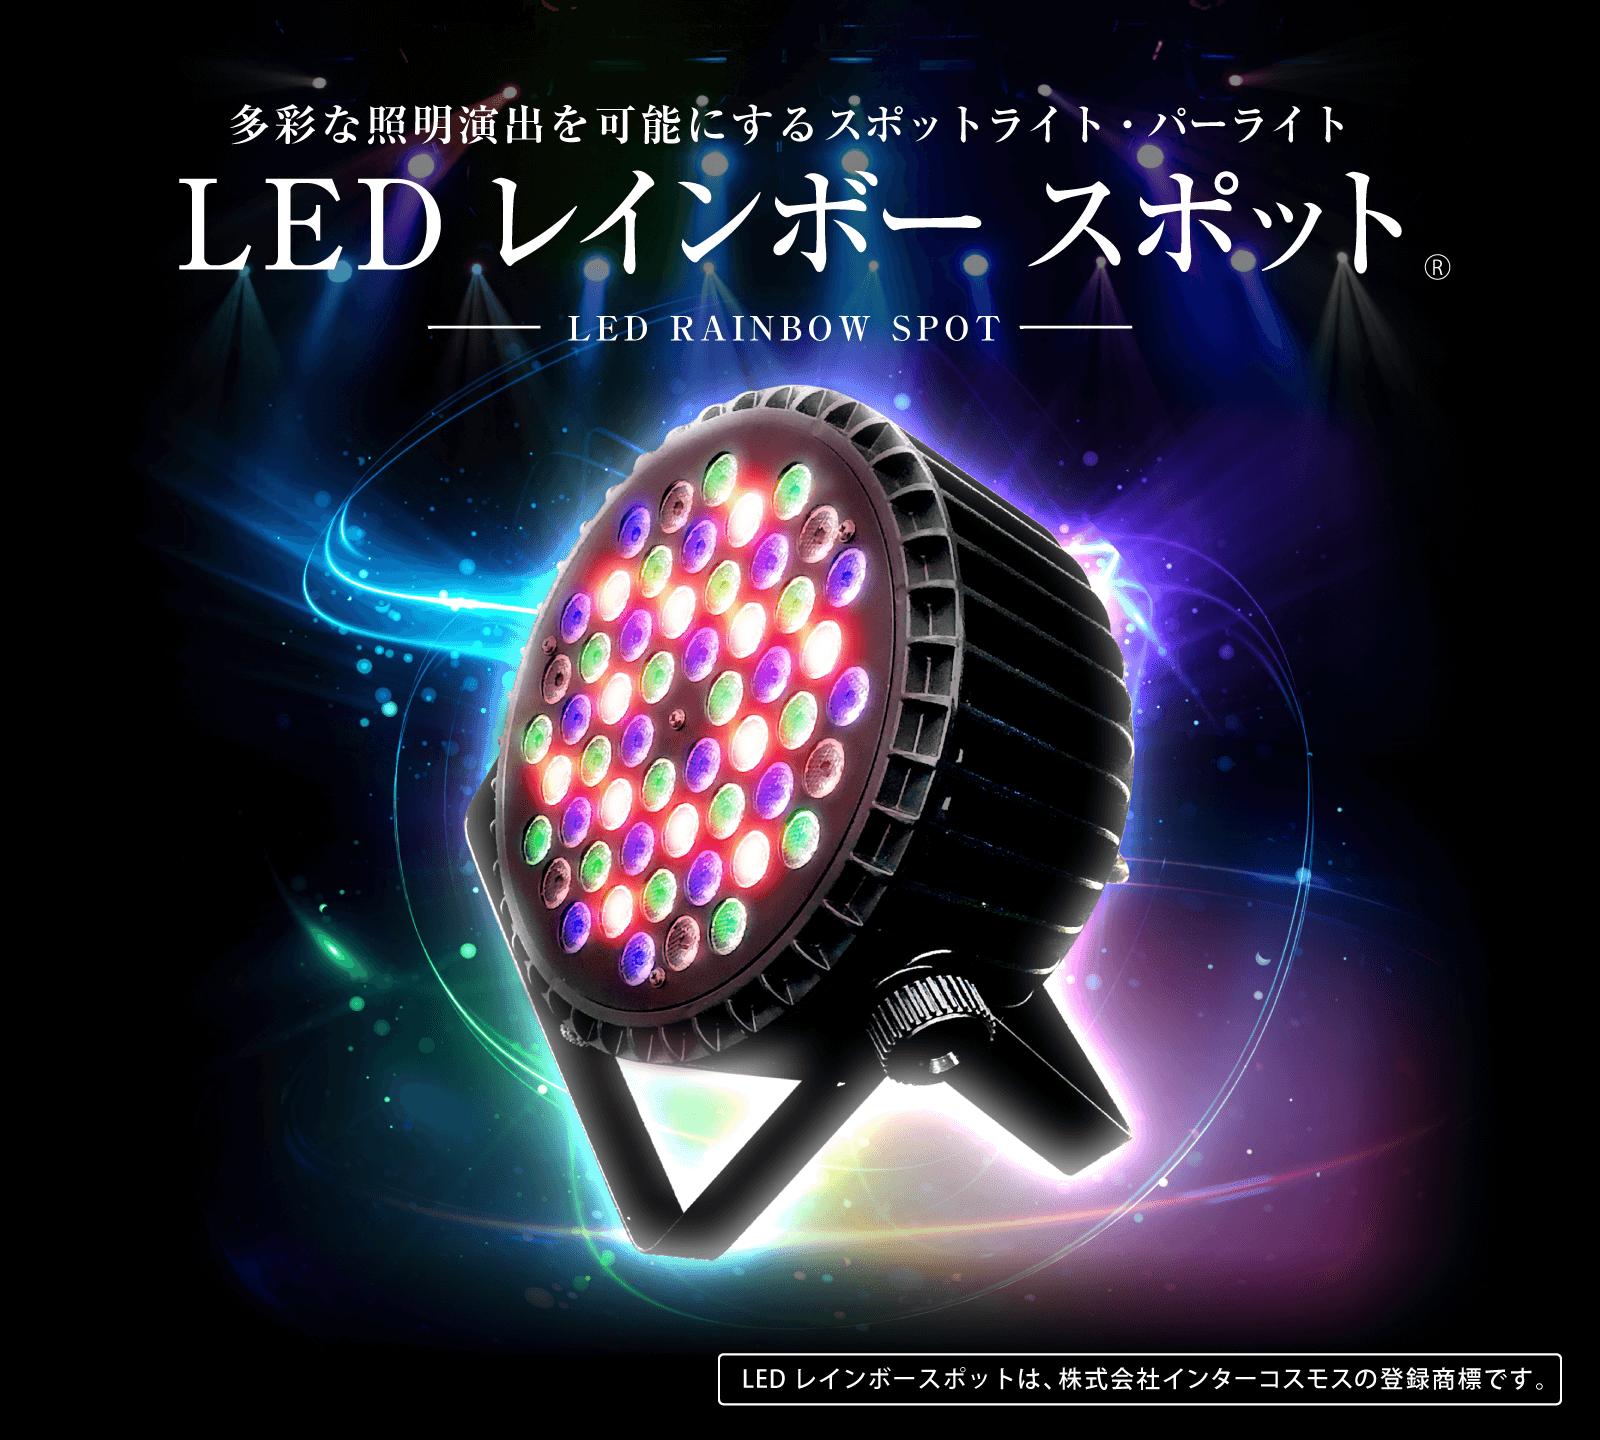 多彩な照明演出を可能にするスポットライト・パーライト『LEDレインボー スポット』(LEDレインボースポットは、株式会社インターコスモスの登録商標です。)